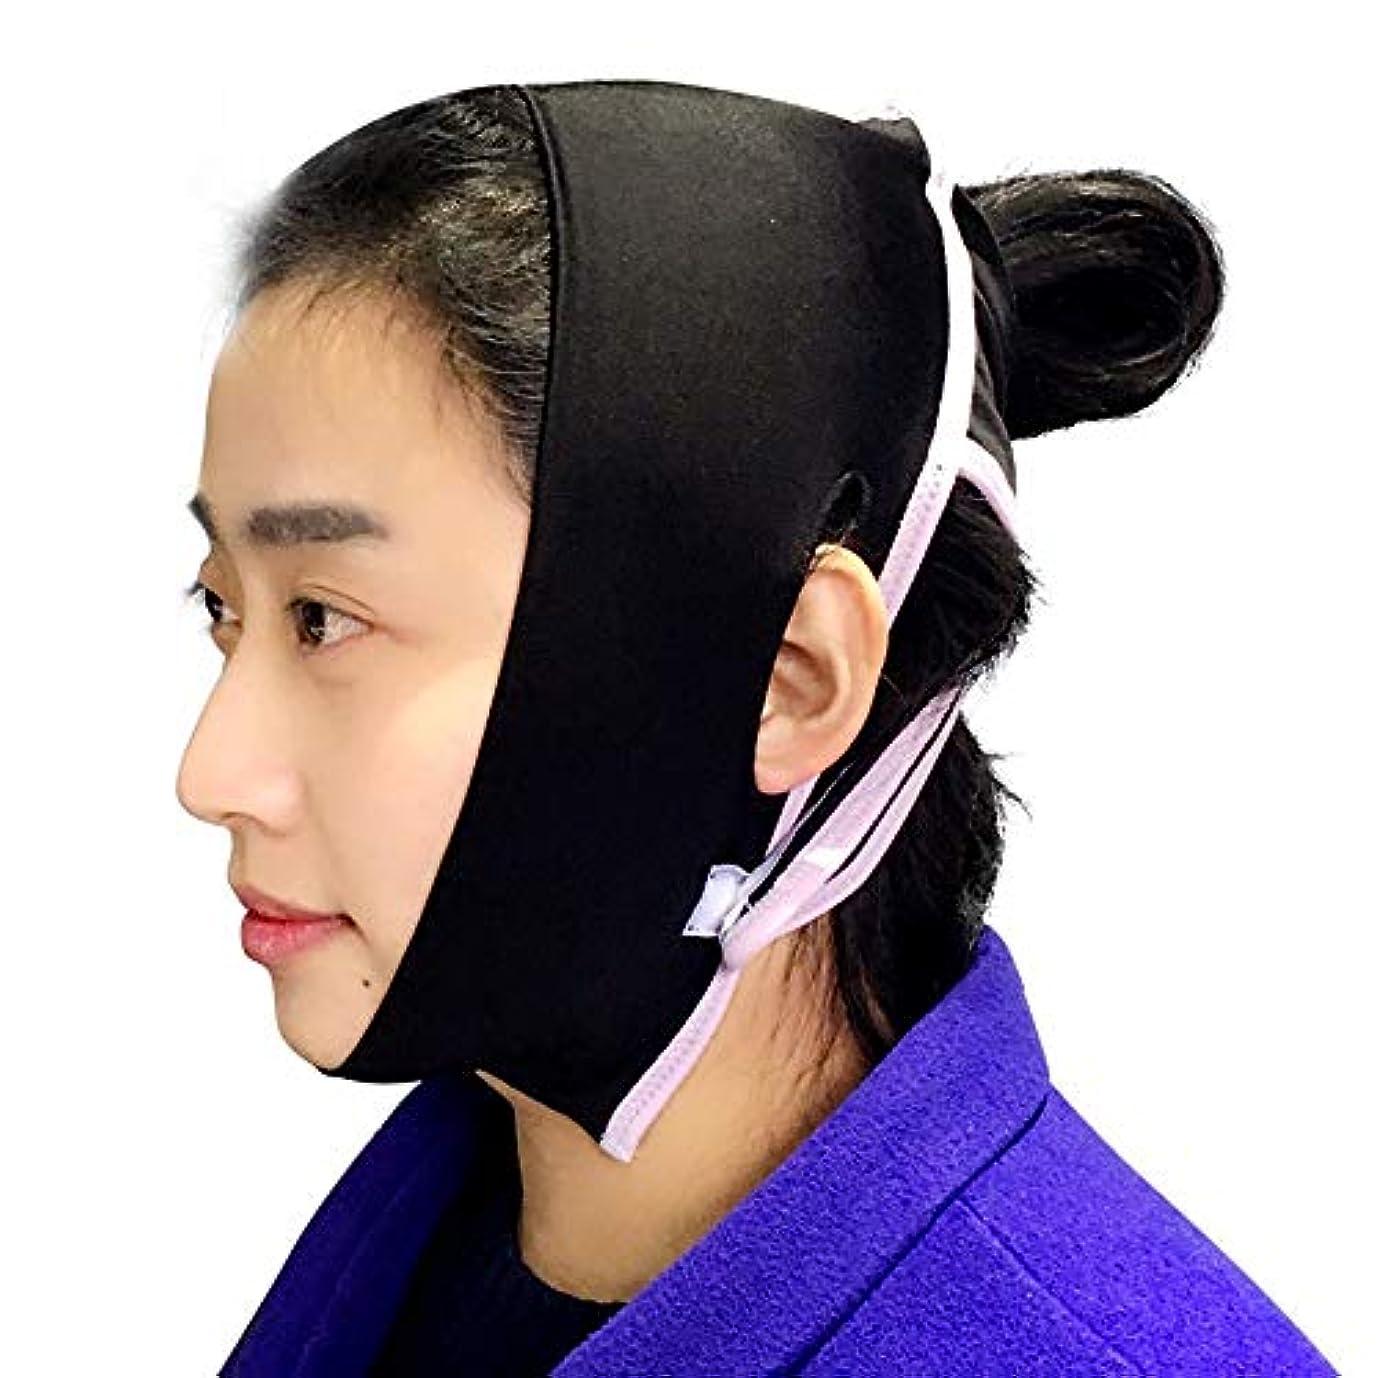 モックバンク中性XHLMRMJ フェイスリフトマスク、小さなVフェイス睡眠包帯マスクシンダブルチンリフト引き締め肌